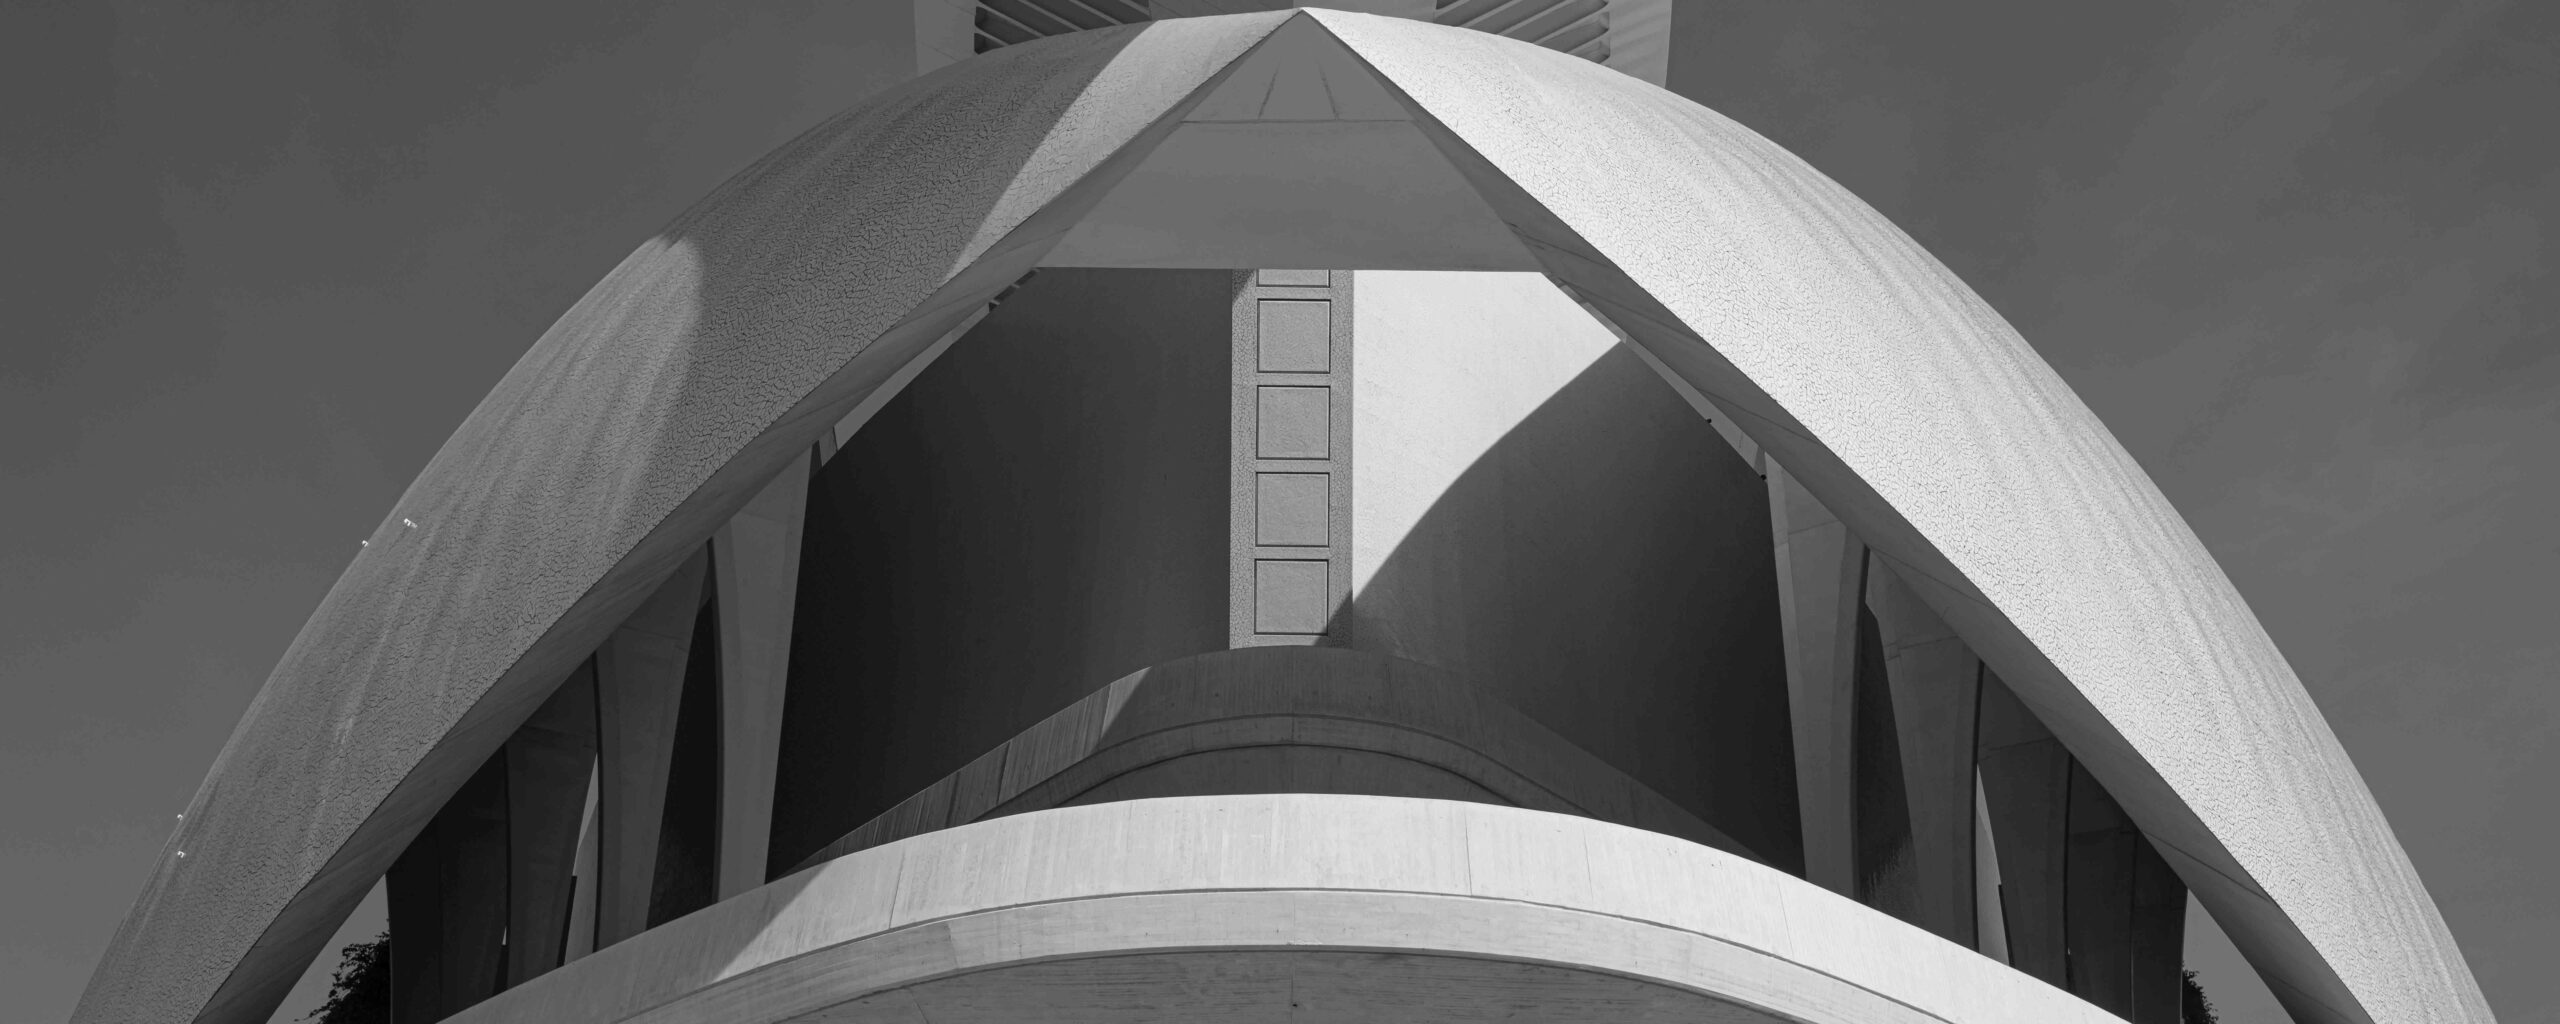 Palau de les Arts Valencia - ENOA